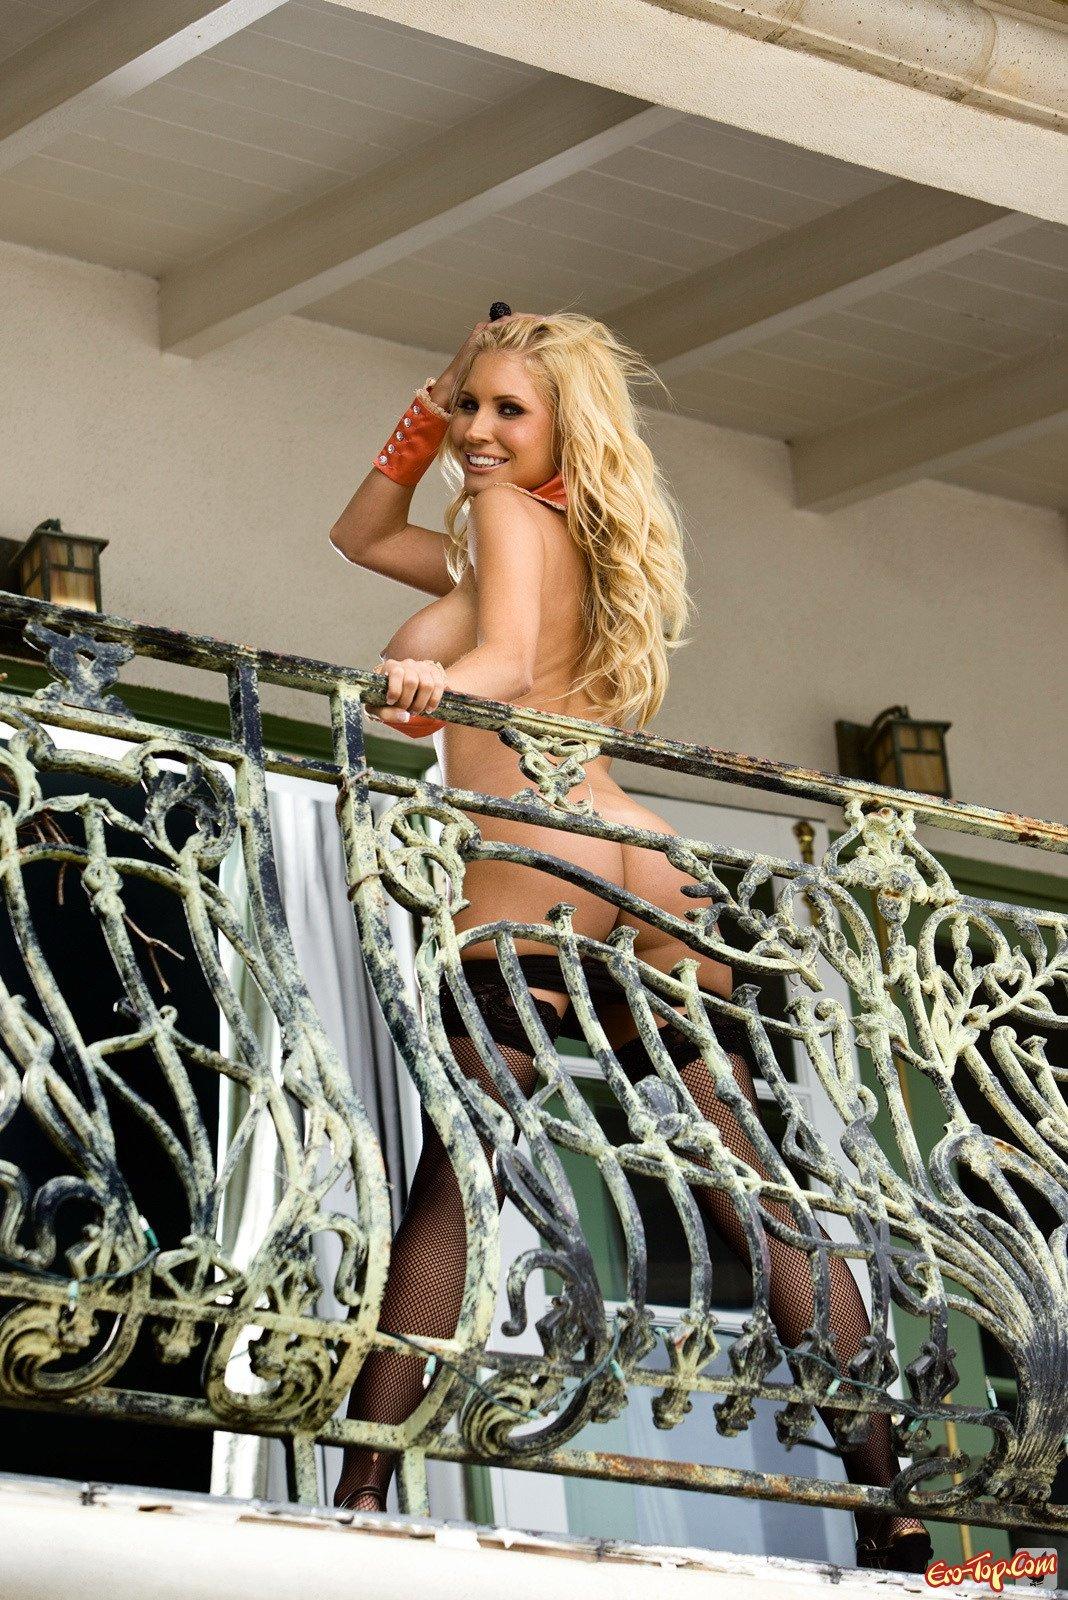 Достаточно роскошное тело ухоженной блонды смотреть эротику